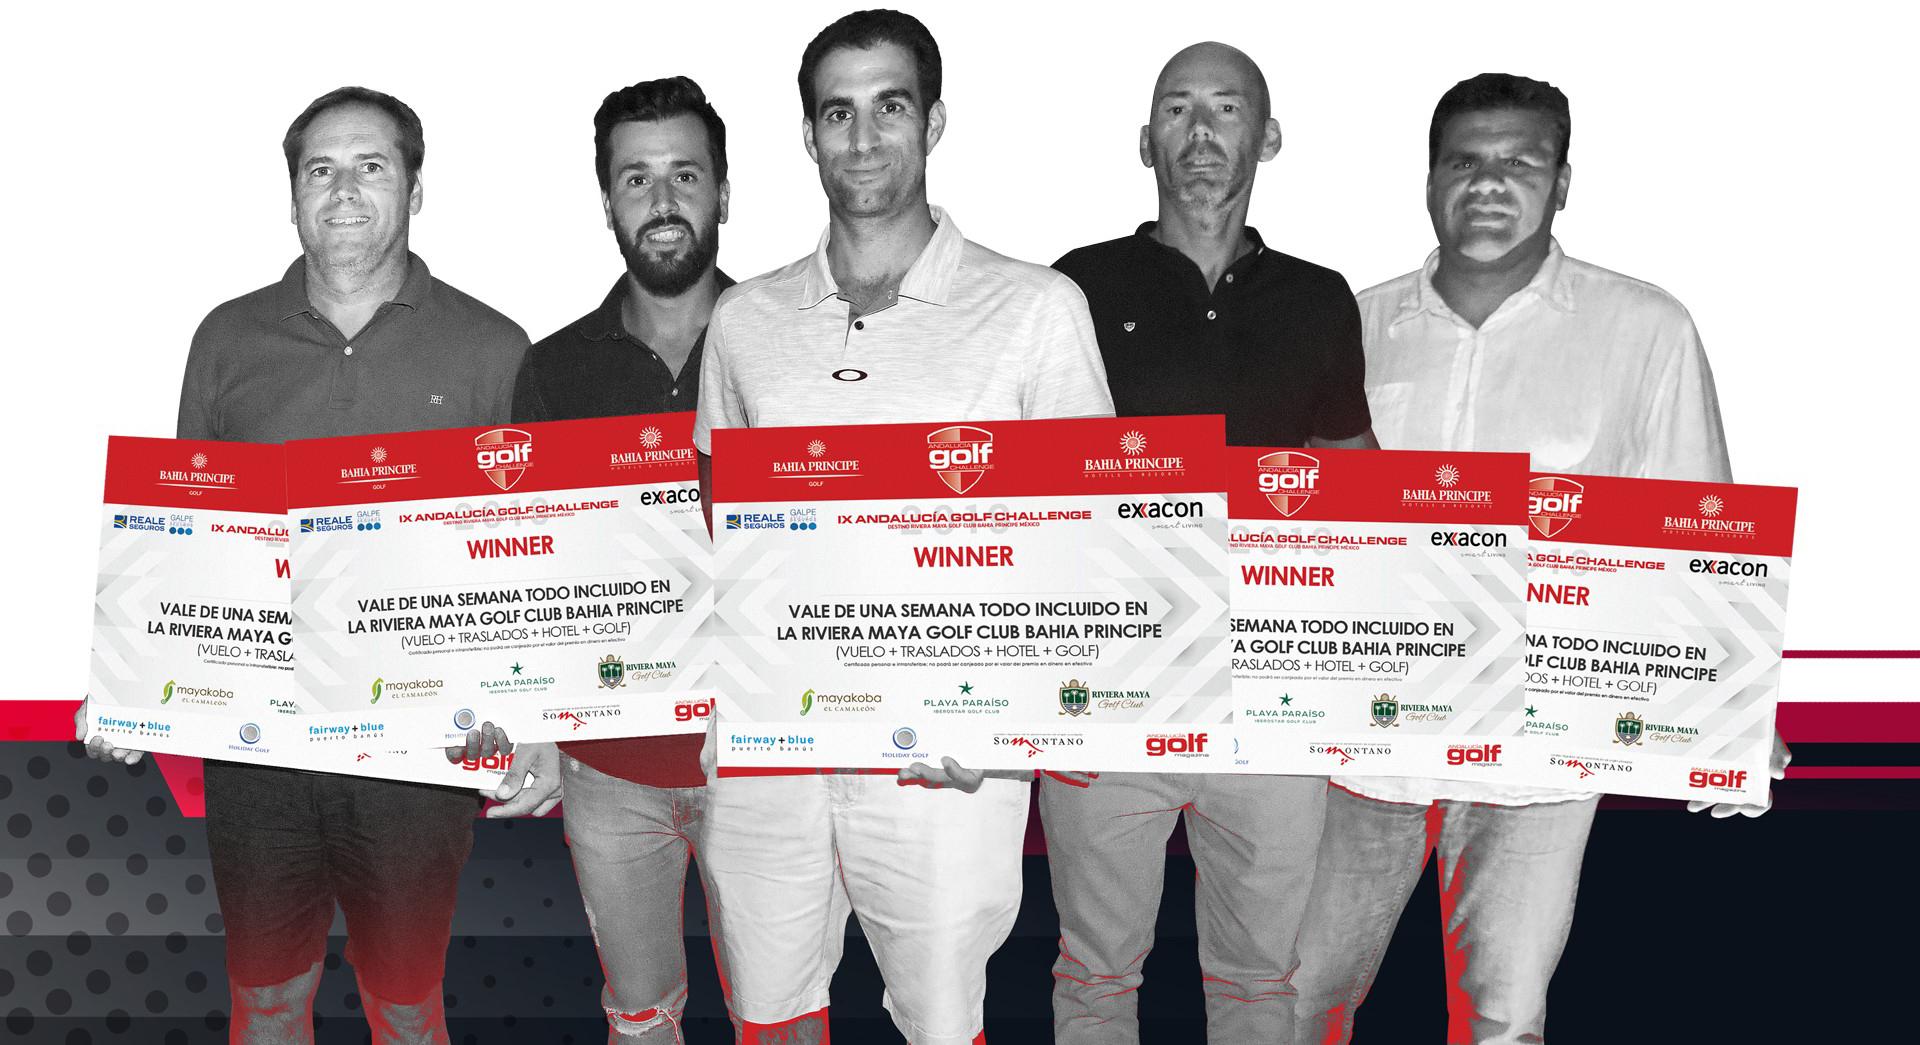 ganadores-andalucia-golf